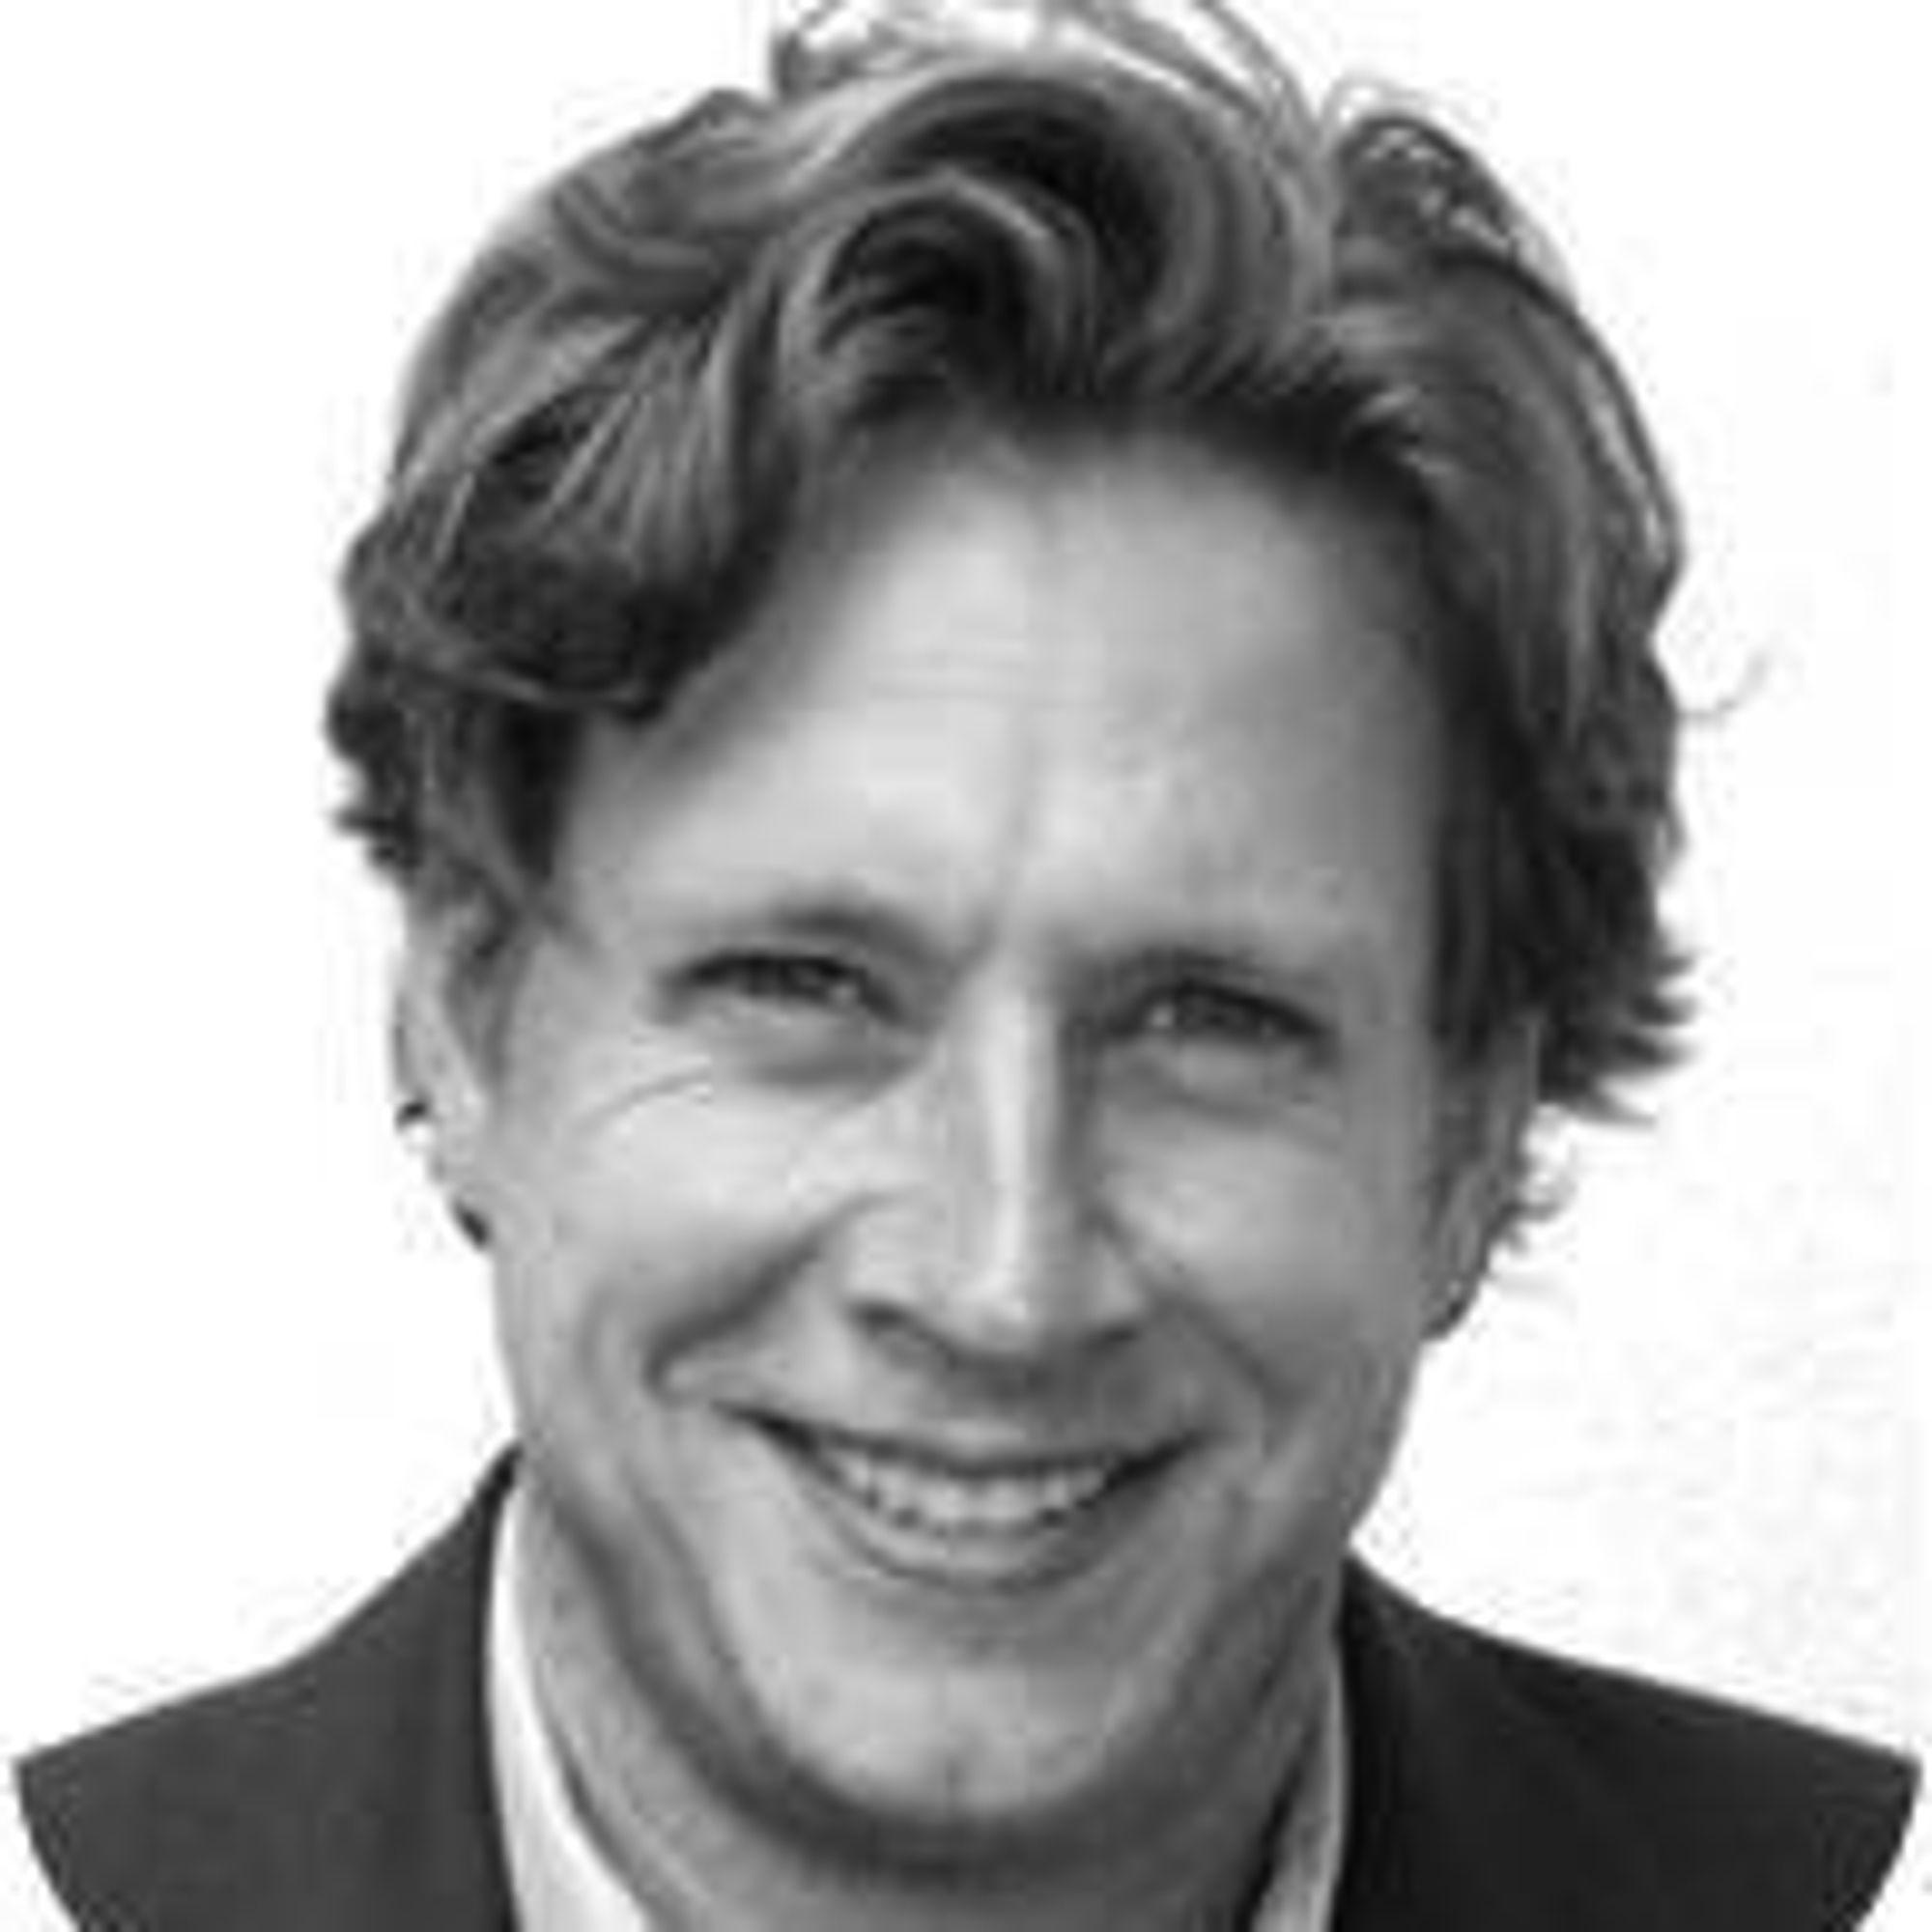 Nils Knagenhjelm sier det vil komme SlimType-deksler til mange andre typer mobiler også.